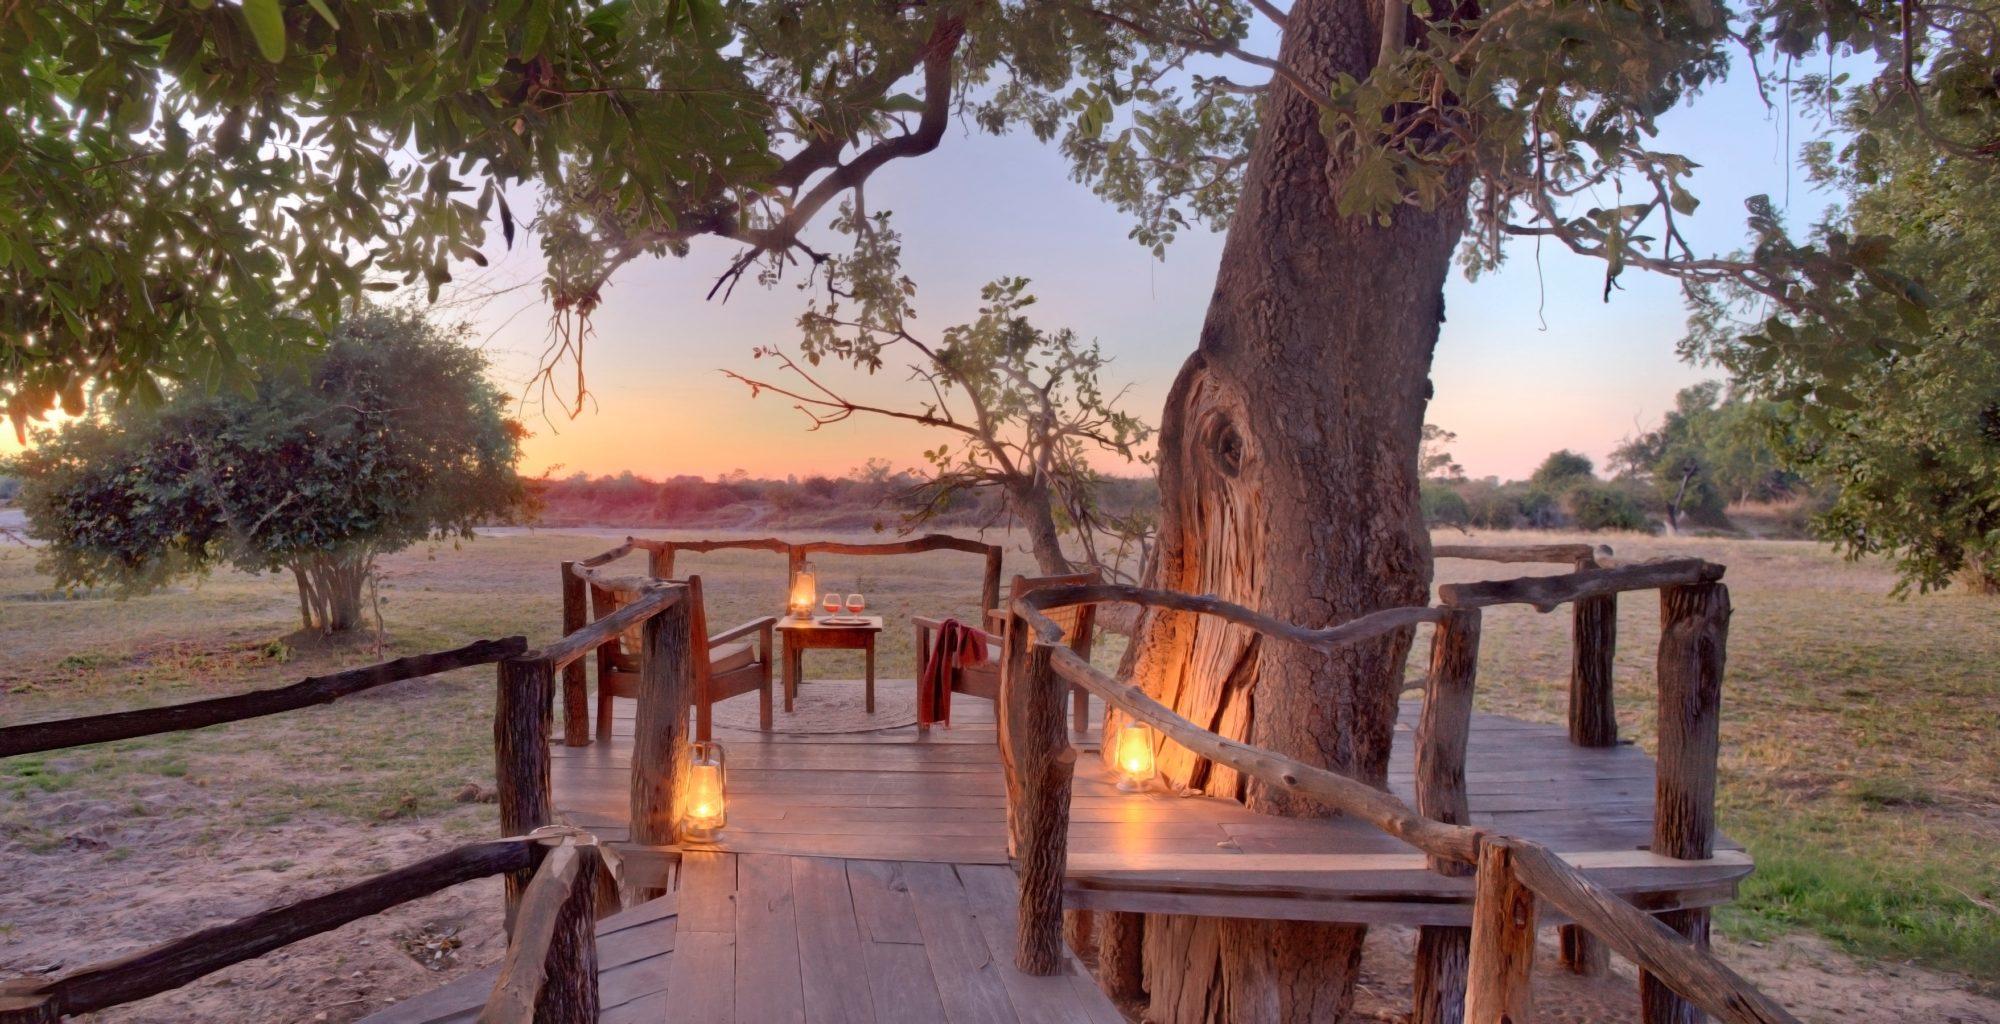 Zambia-Nsolo-Camp-Deck